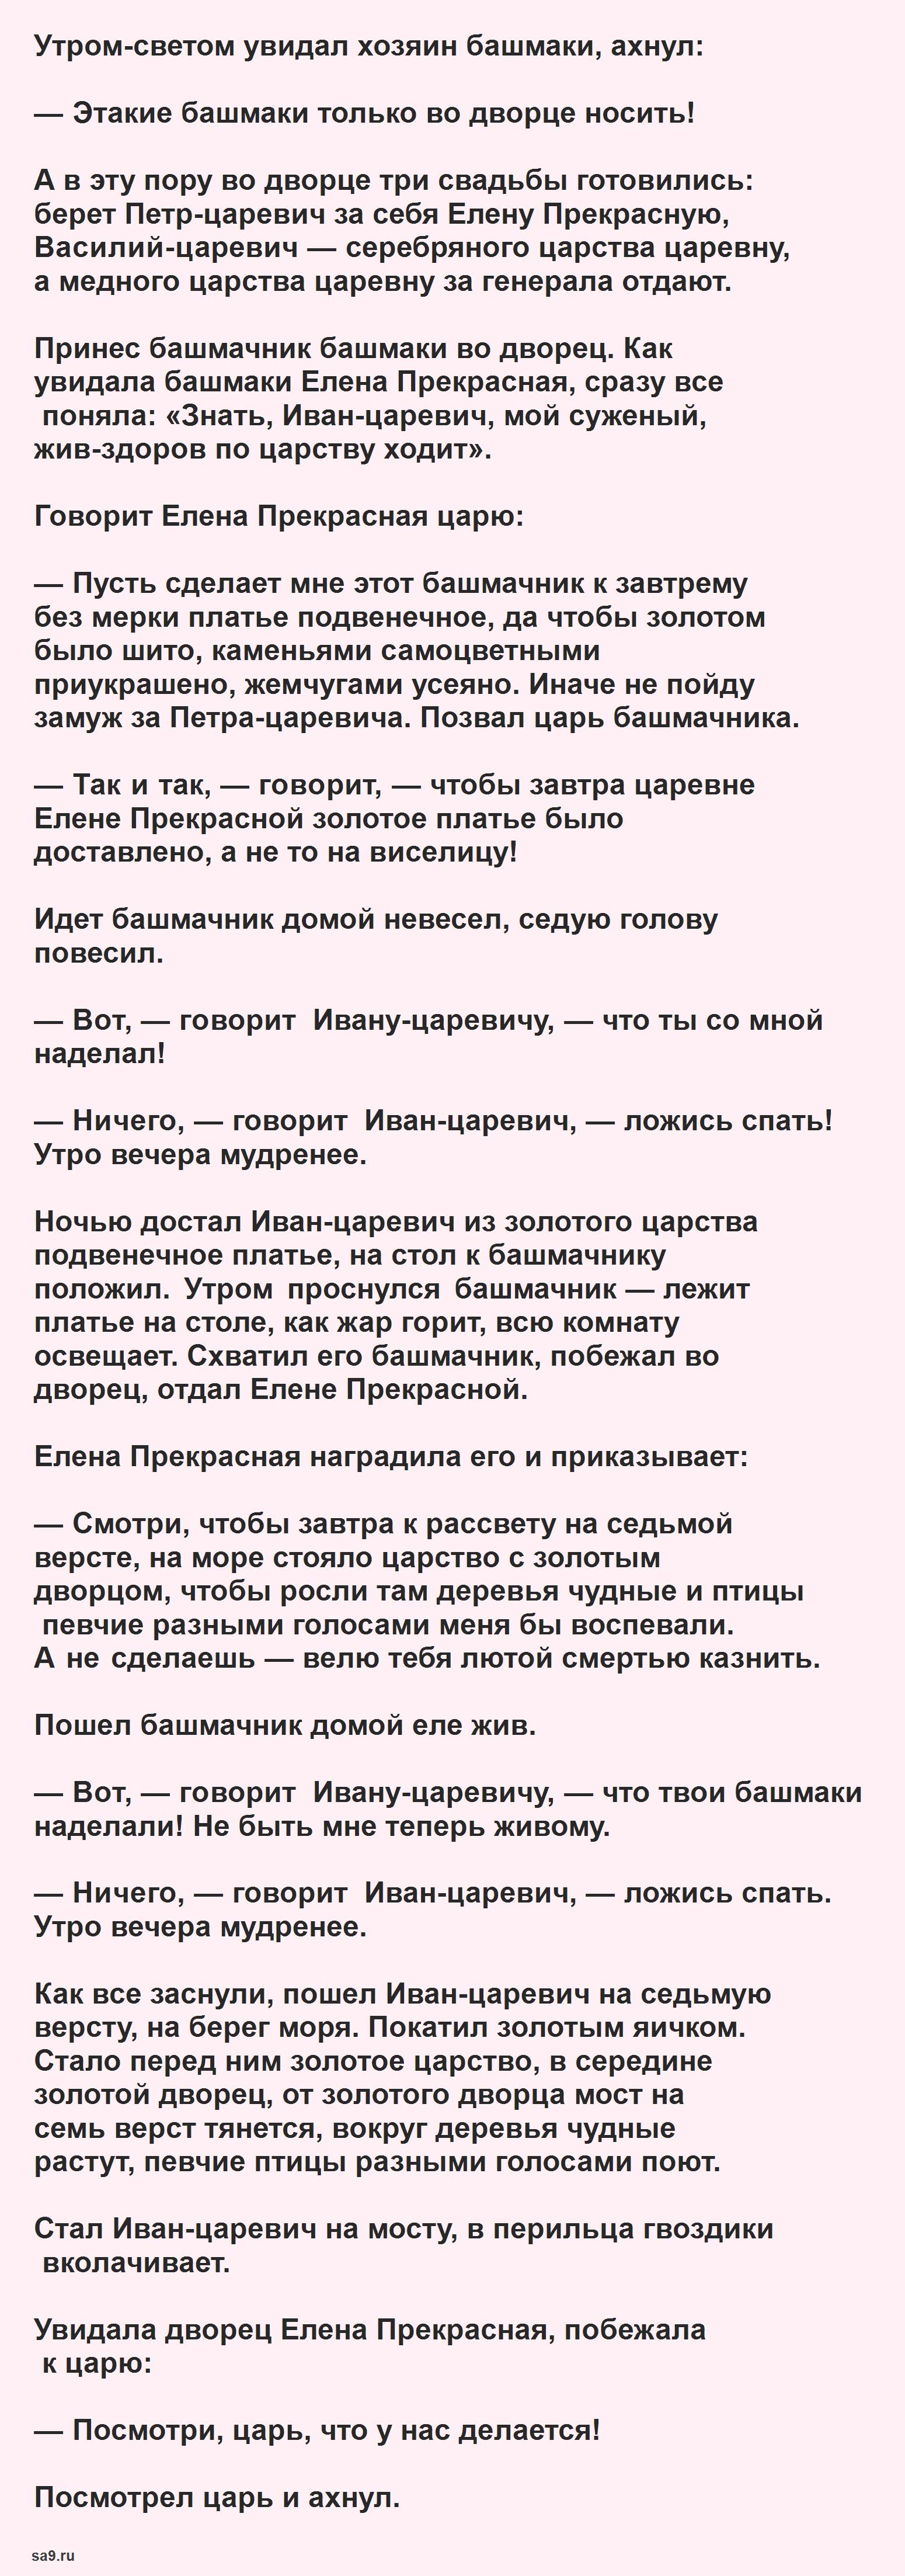 Медное, серебряное, золотое царство - русская народная сказка, читать полностью